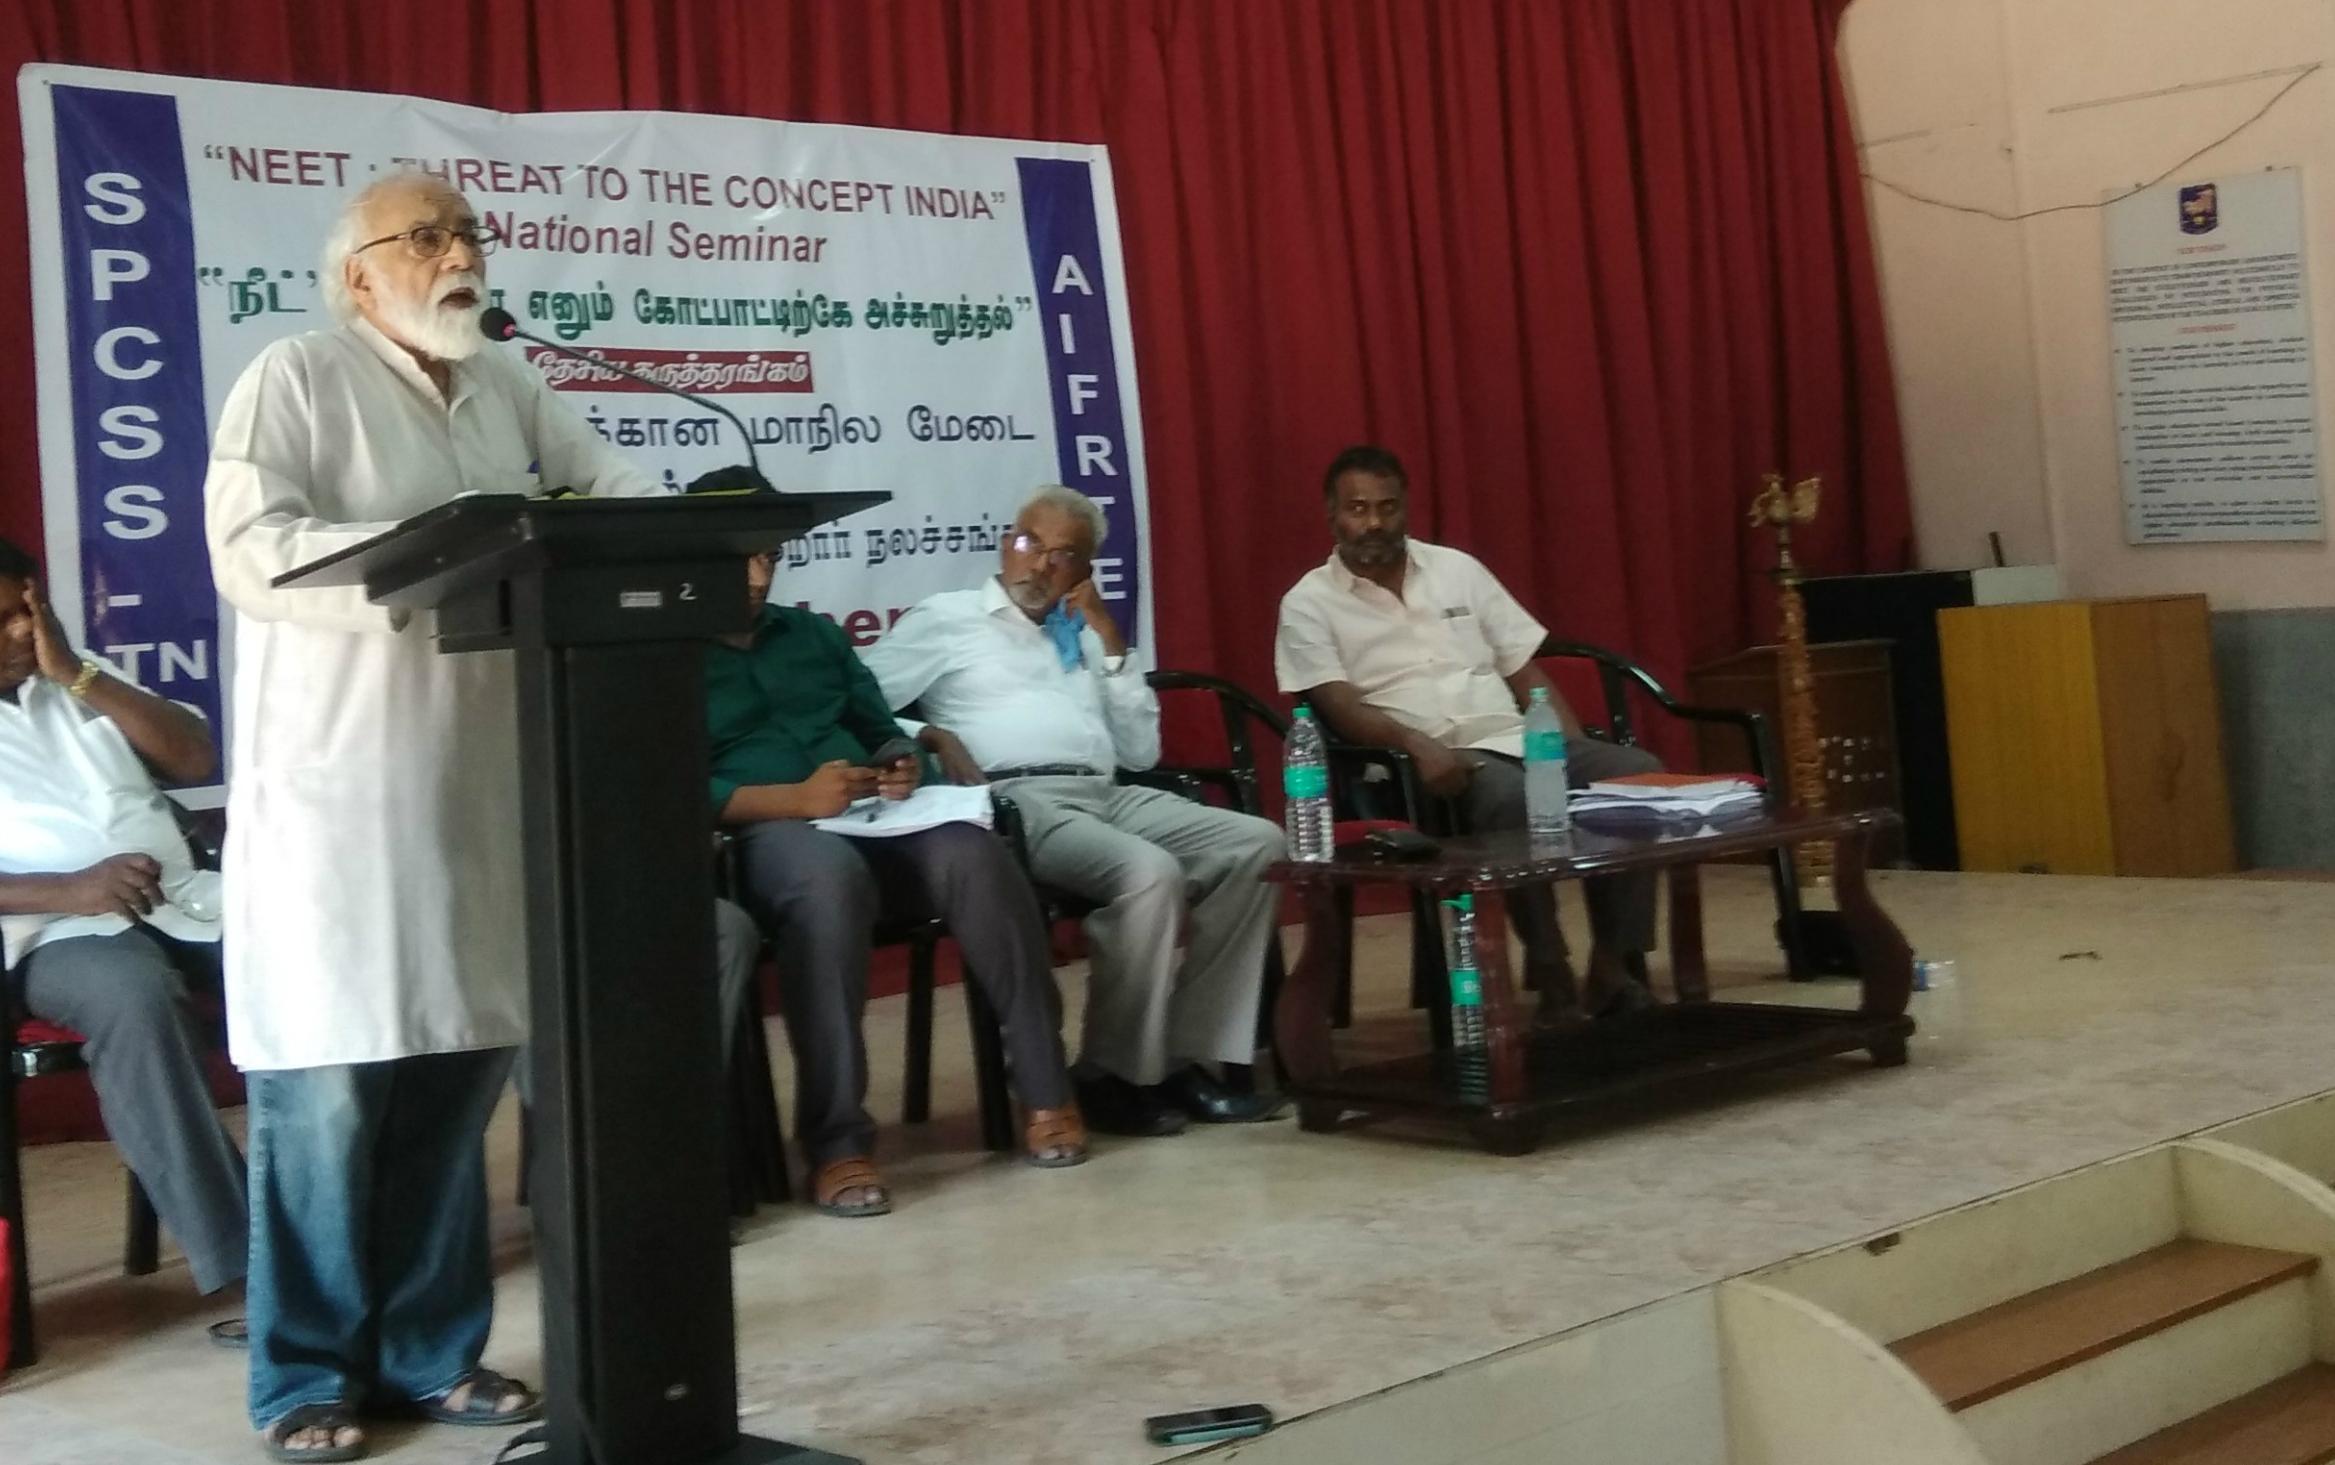 நீட் : அனில் சடகோபால்